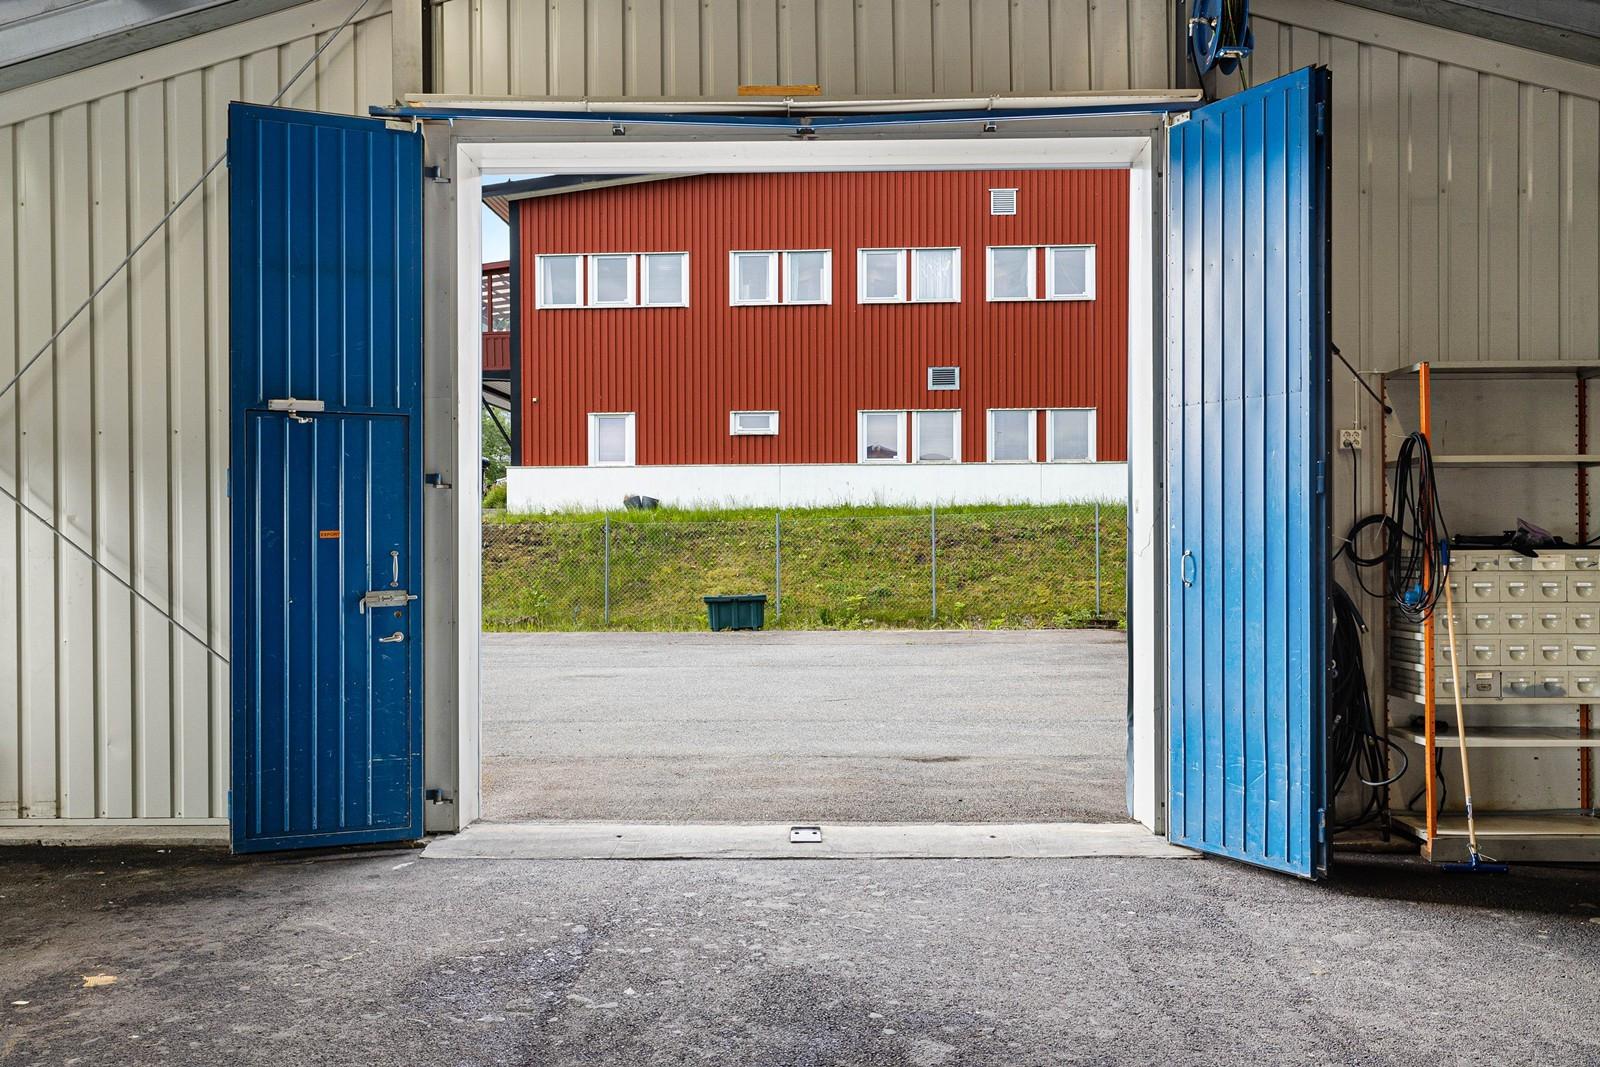 Kjøreport til verksted, størrelse 3,5 x 3,5 meter